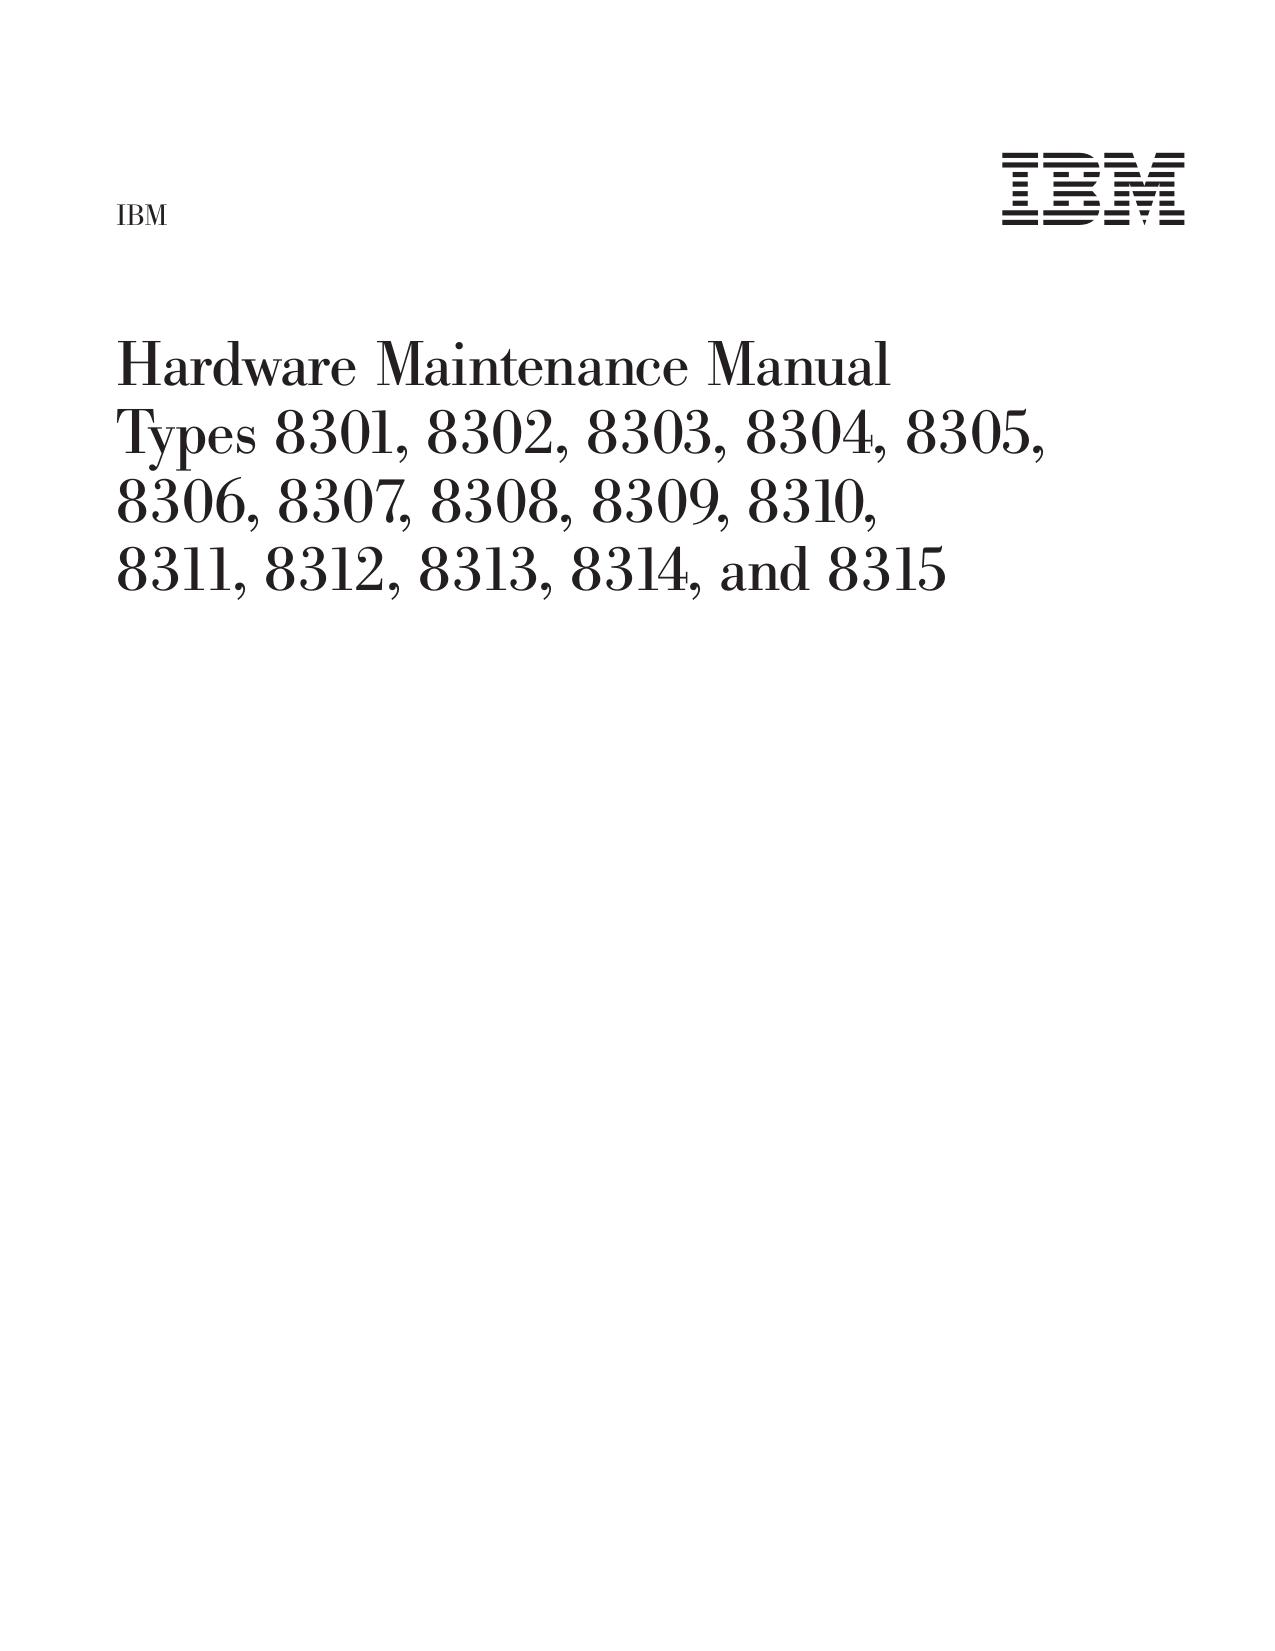 pdf for IBM Laptop ThinkPad A21p manual